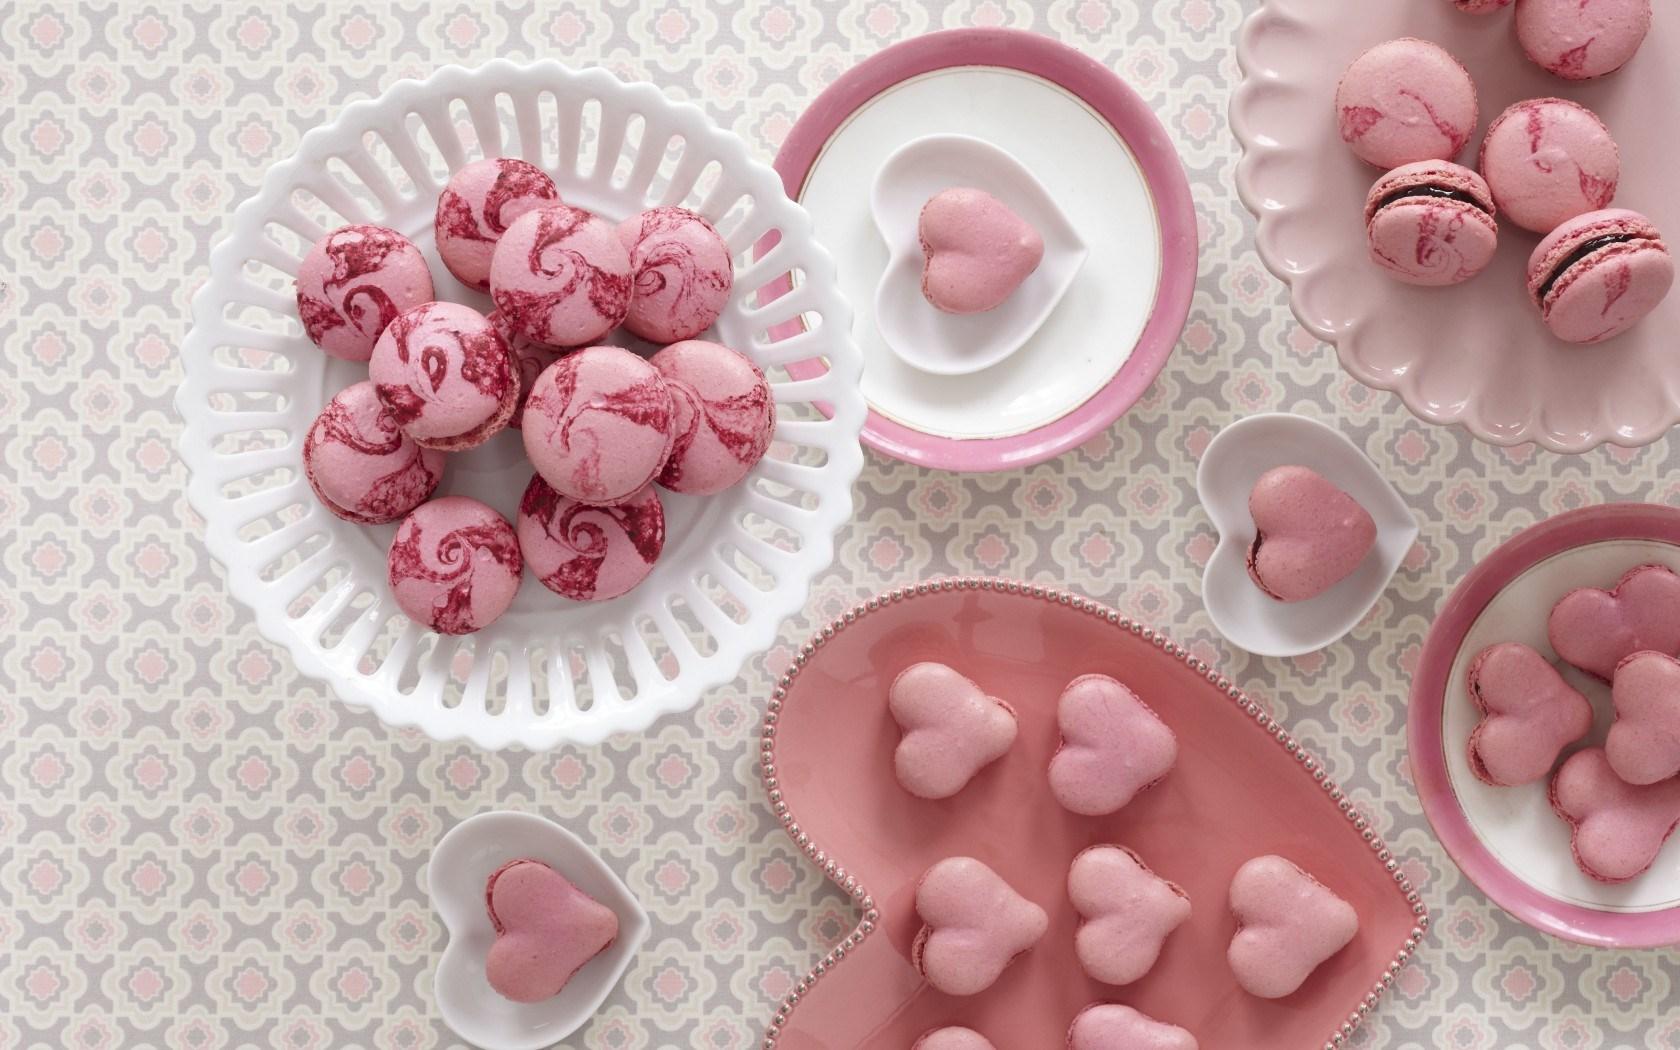 Cute Macaron Wallpaper Wallpapersafari